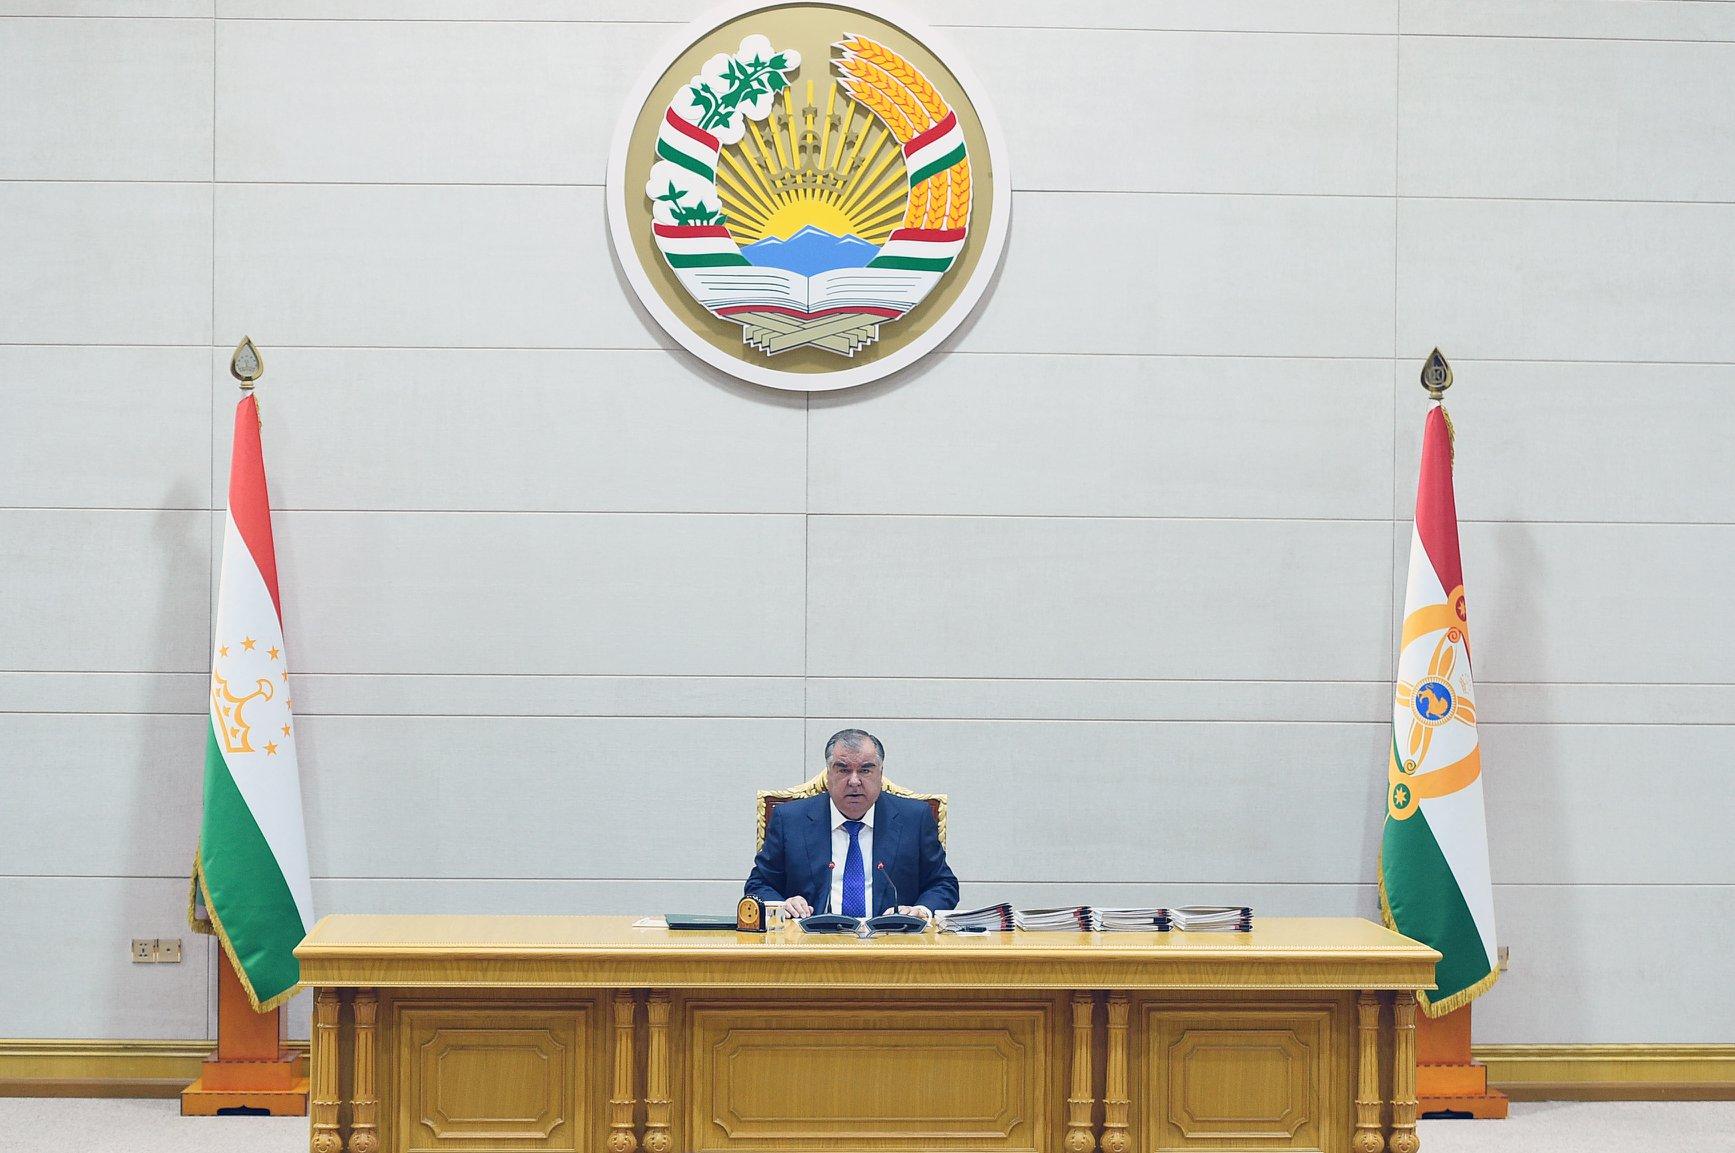 Закон «Об оценочной деятельности» Республики Таджикистан.